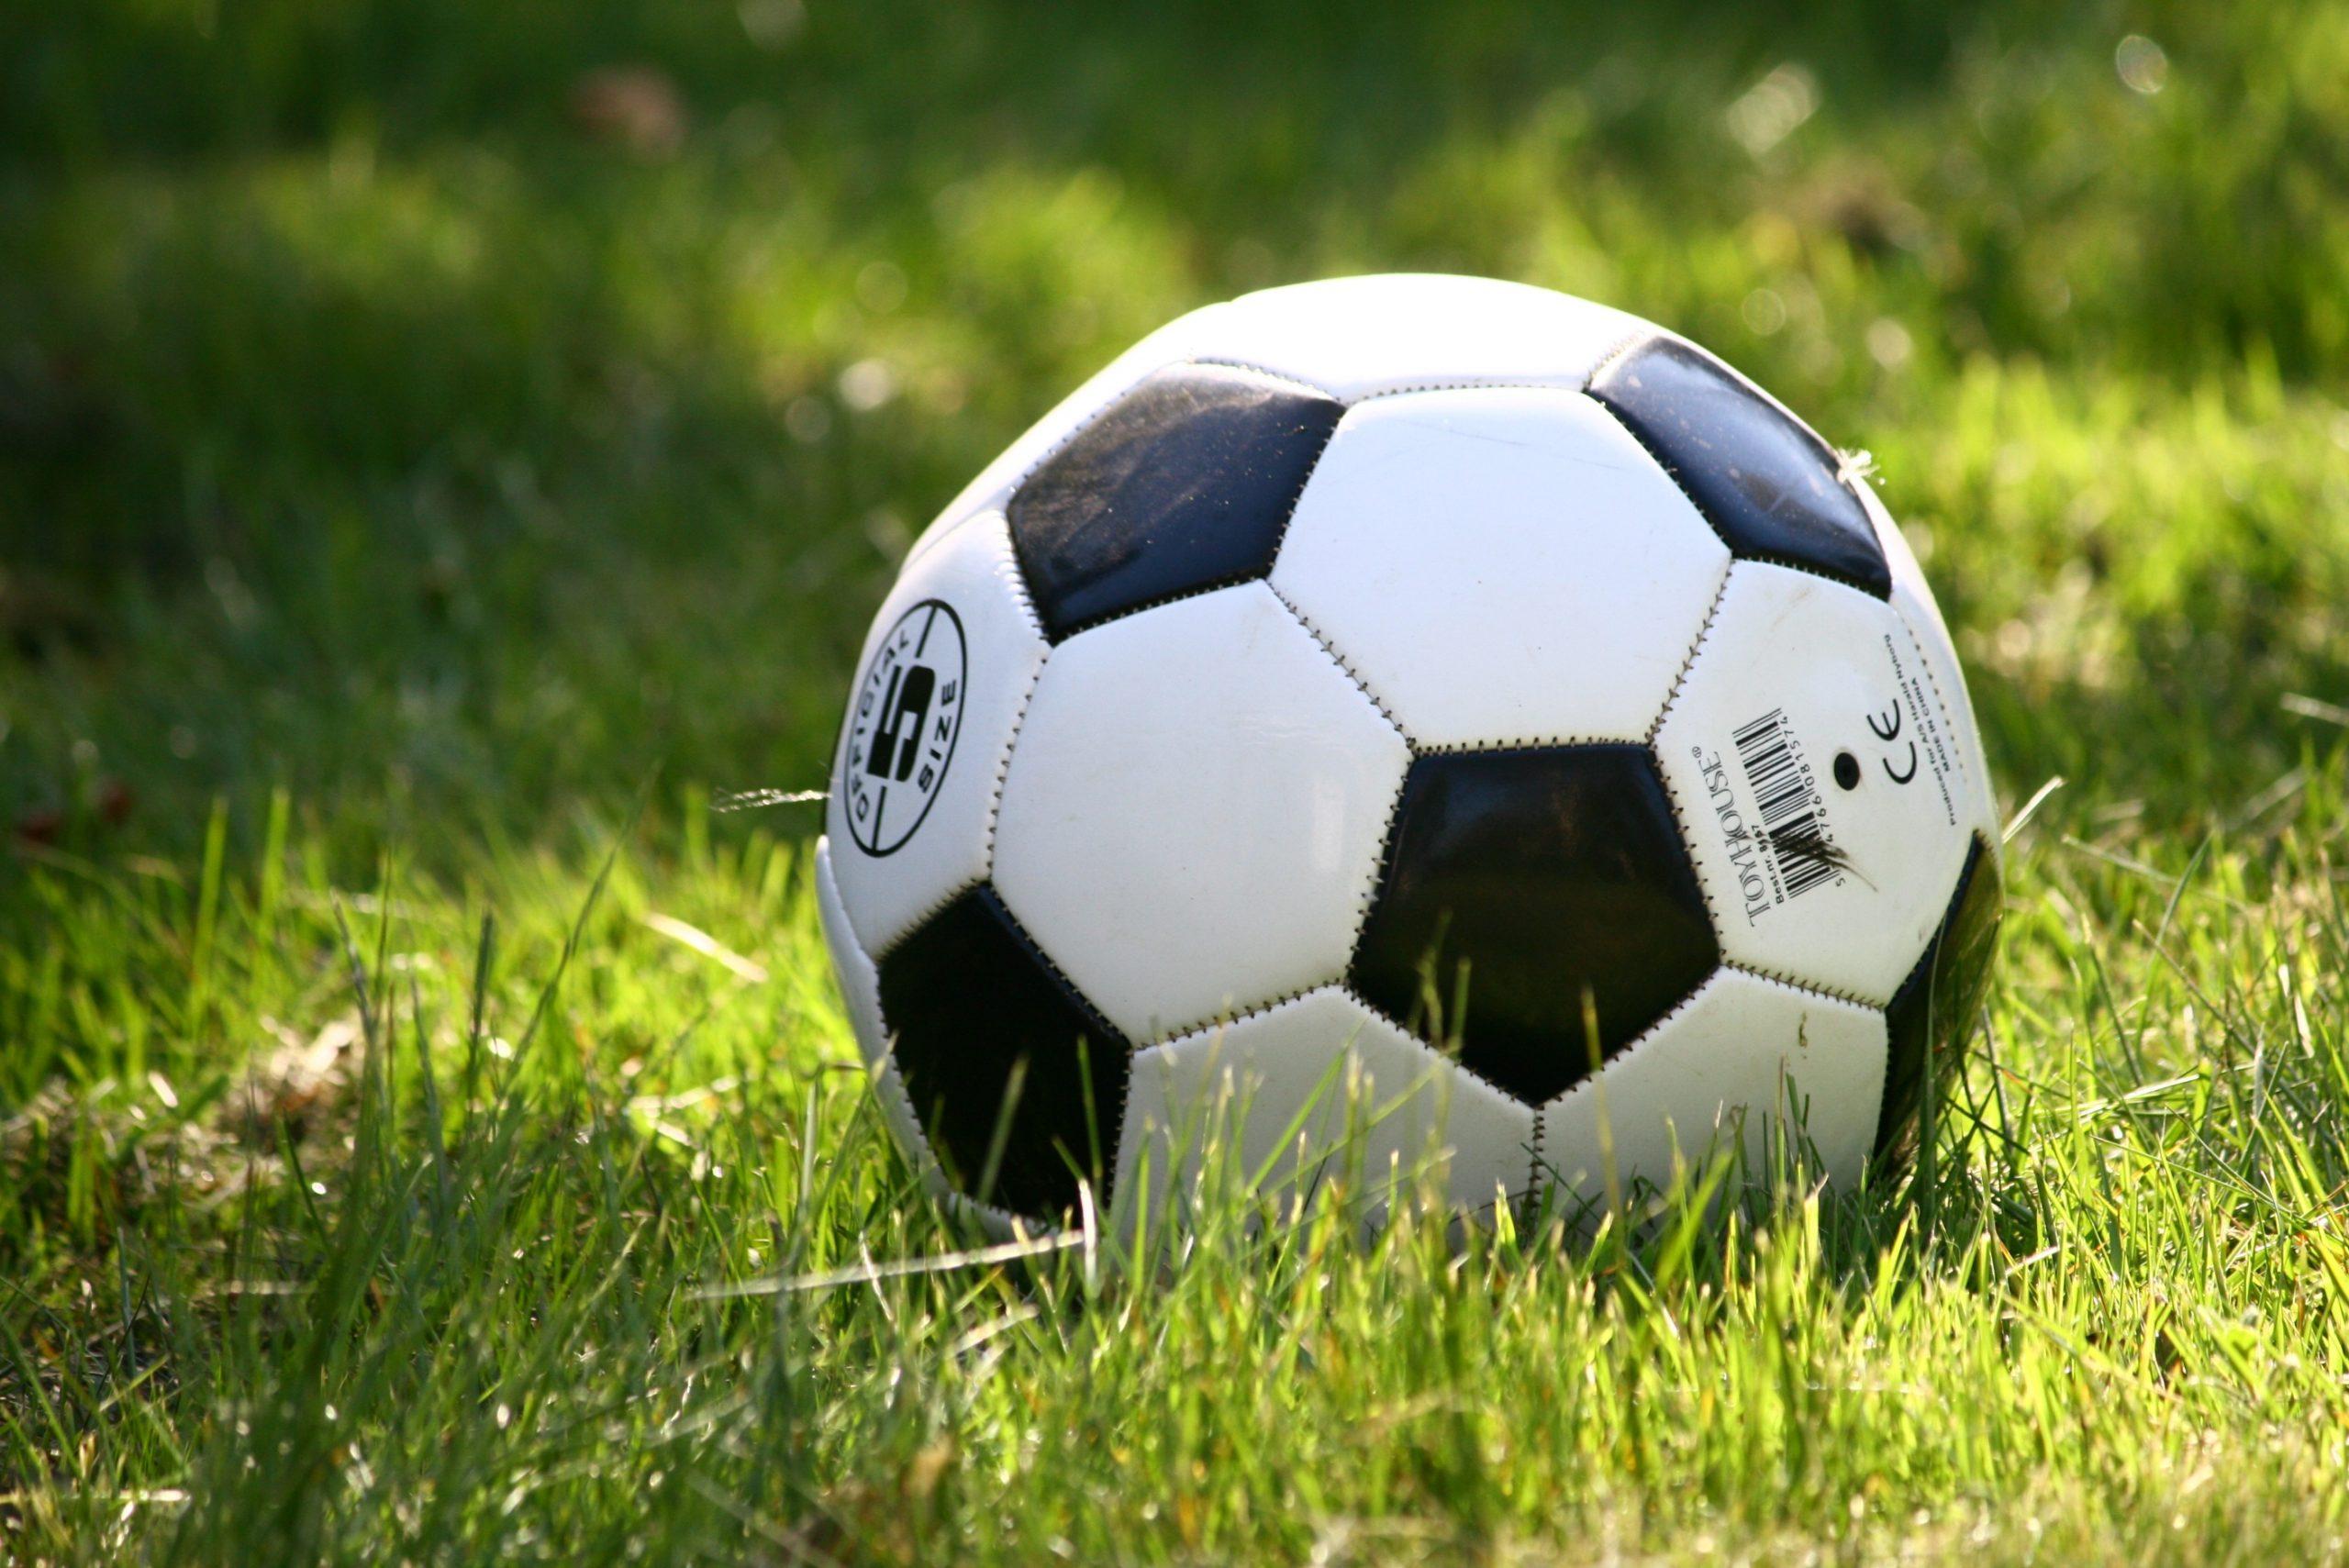 На Фестивальной пройдут Окружные соревнования по футболу. Фото: pixabay.com